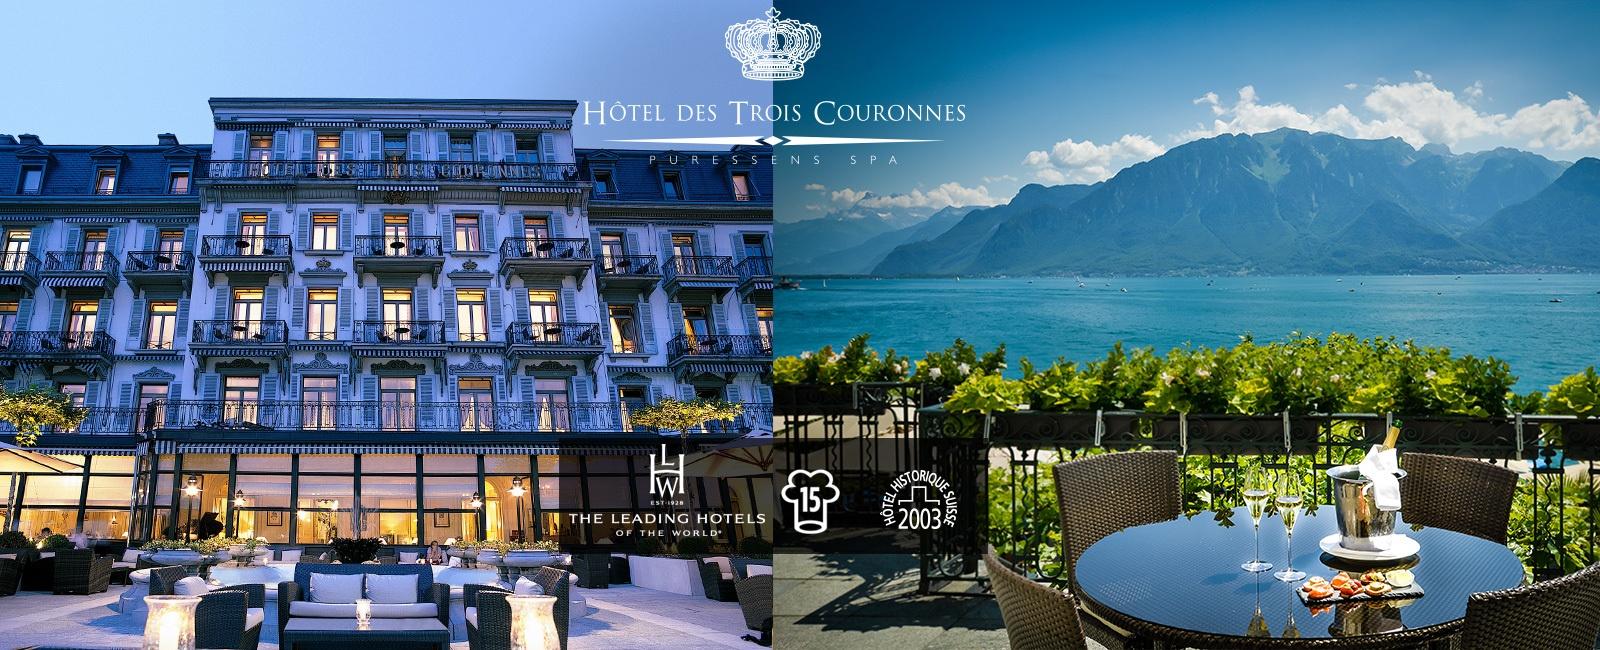 hotel-des-3.jpg